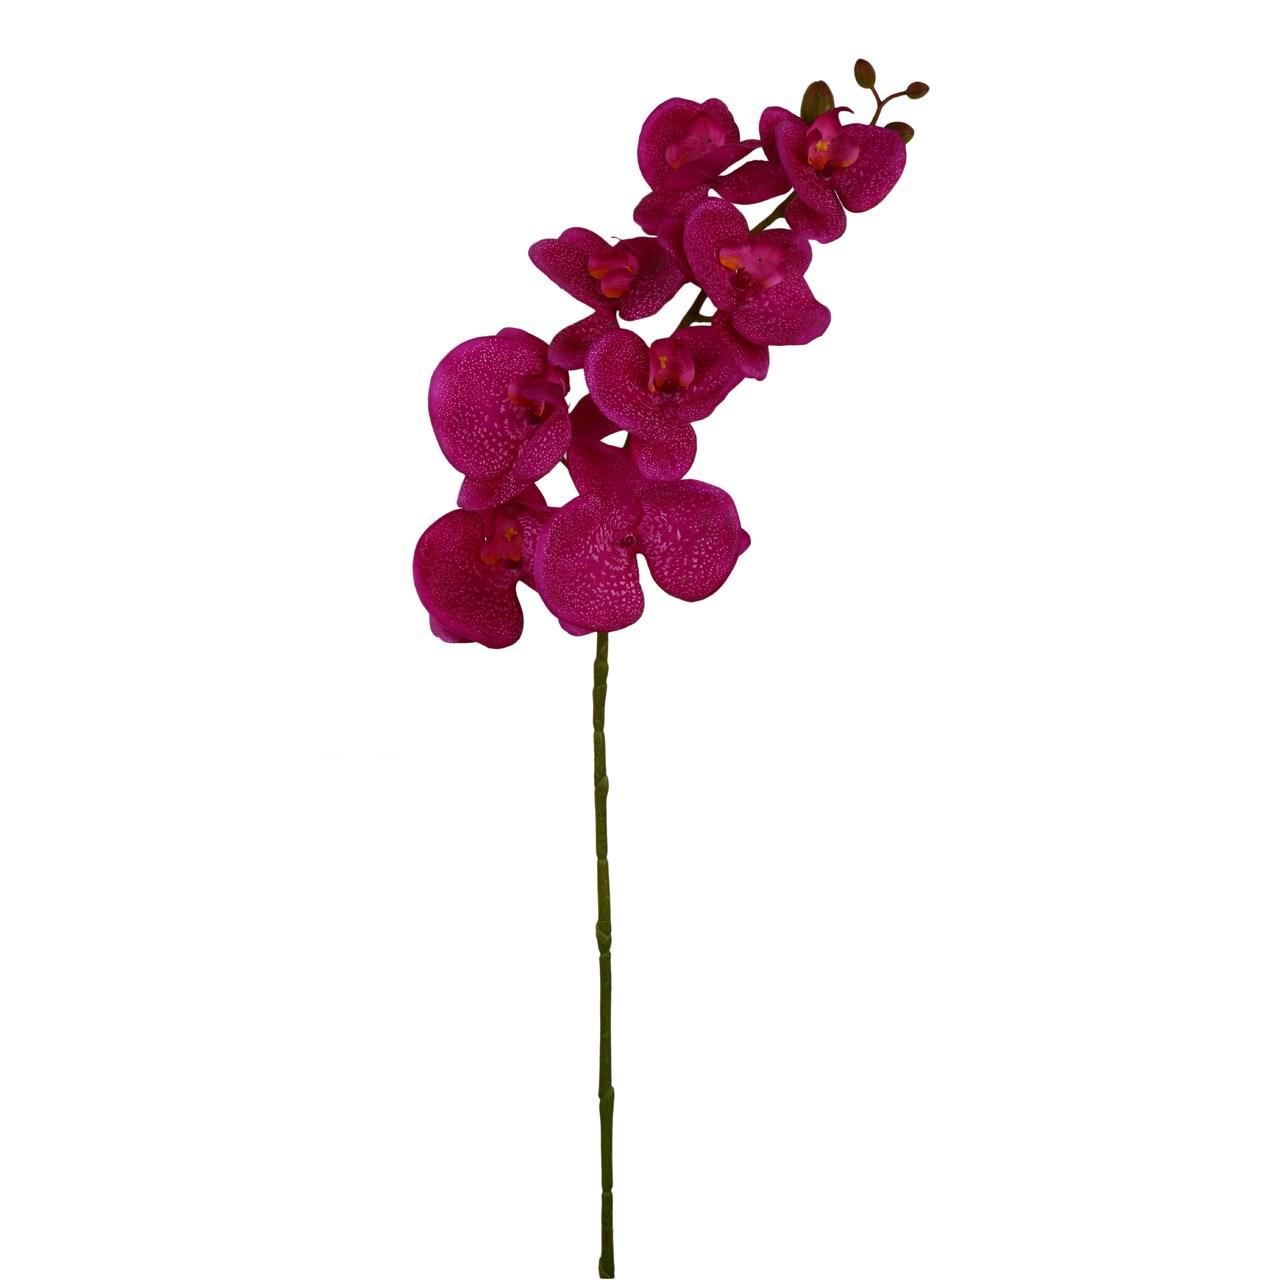 گل مصنوعی هومز طرح ارکیده مدل 70023